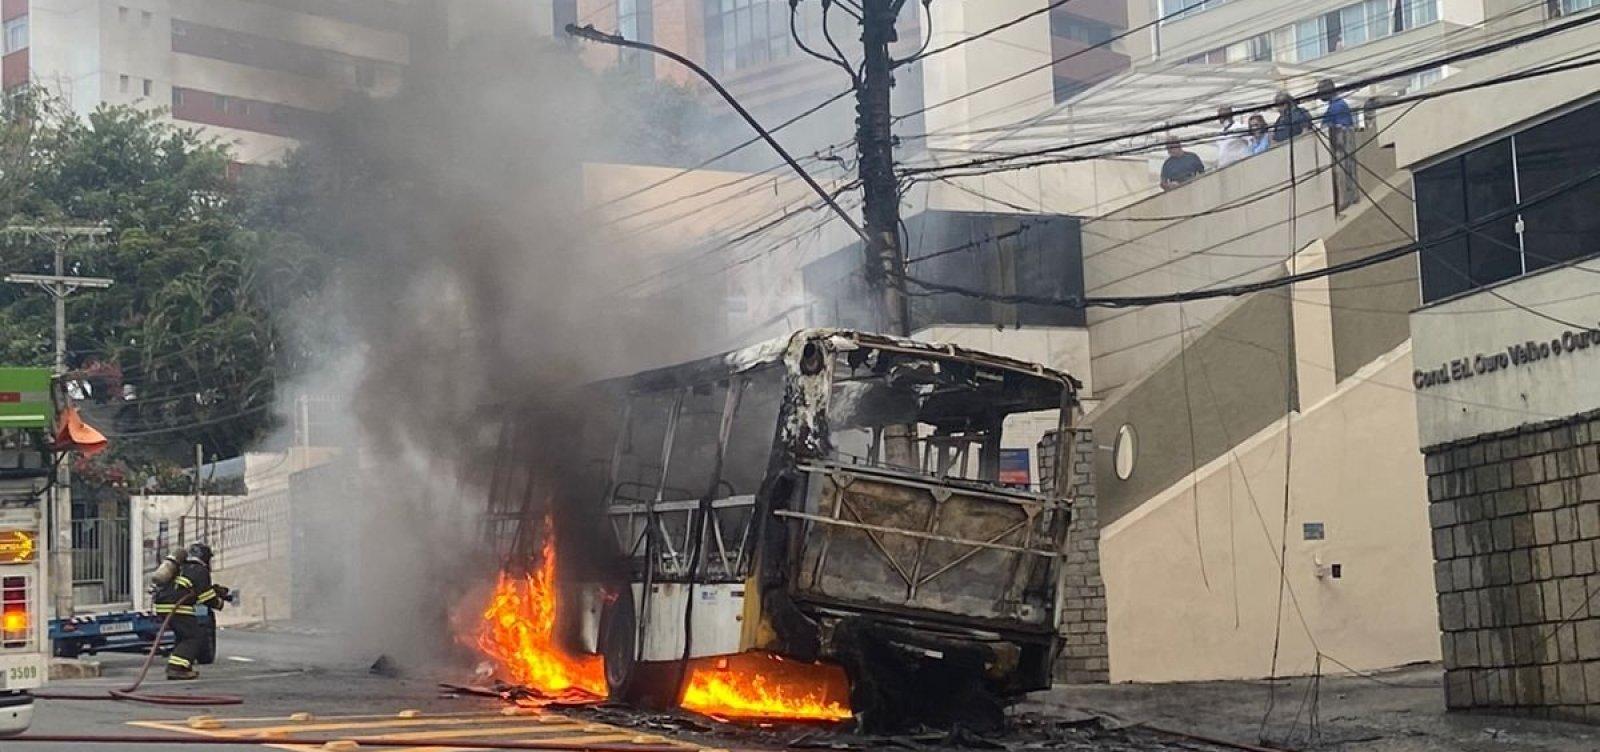 Ônibus pega fogo na Avenida Princesa Isabel e fica completamente destruído